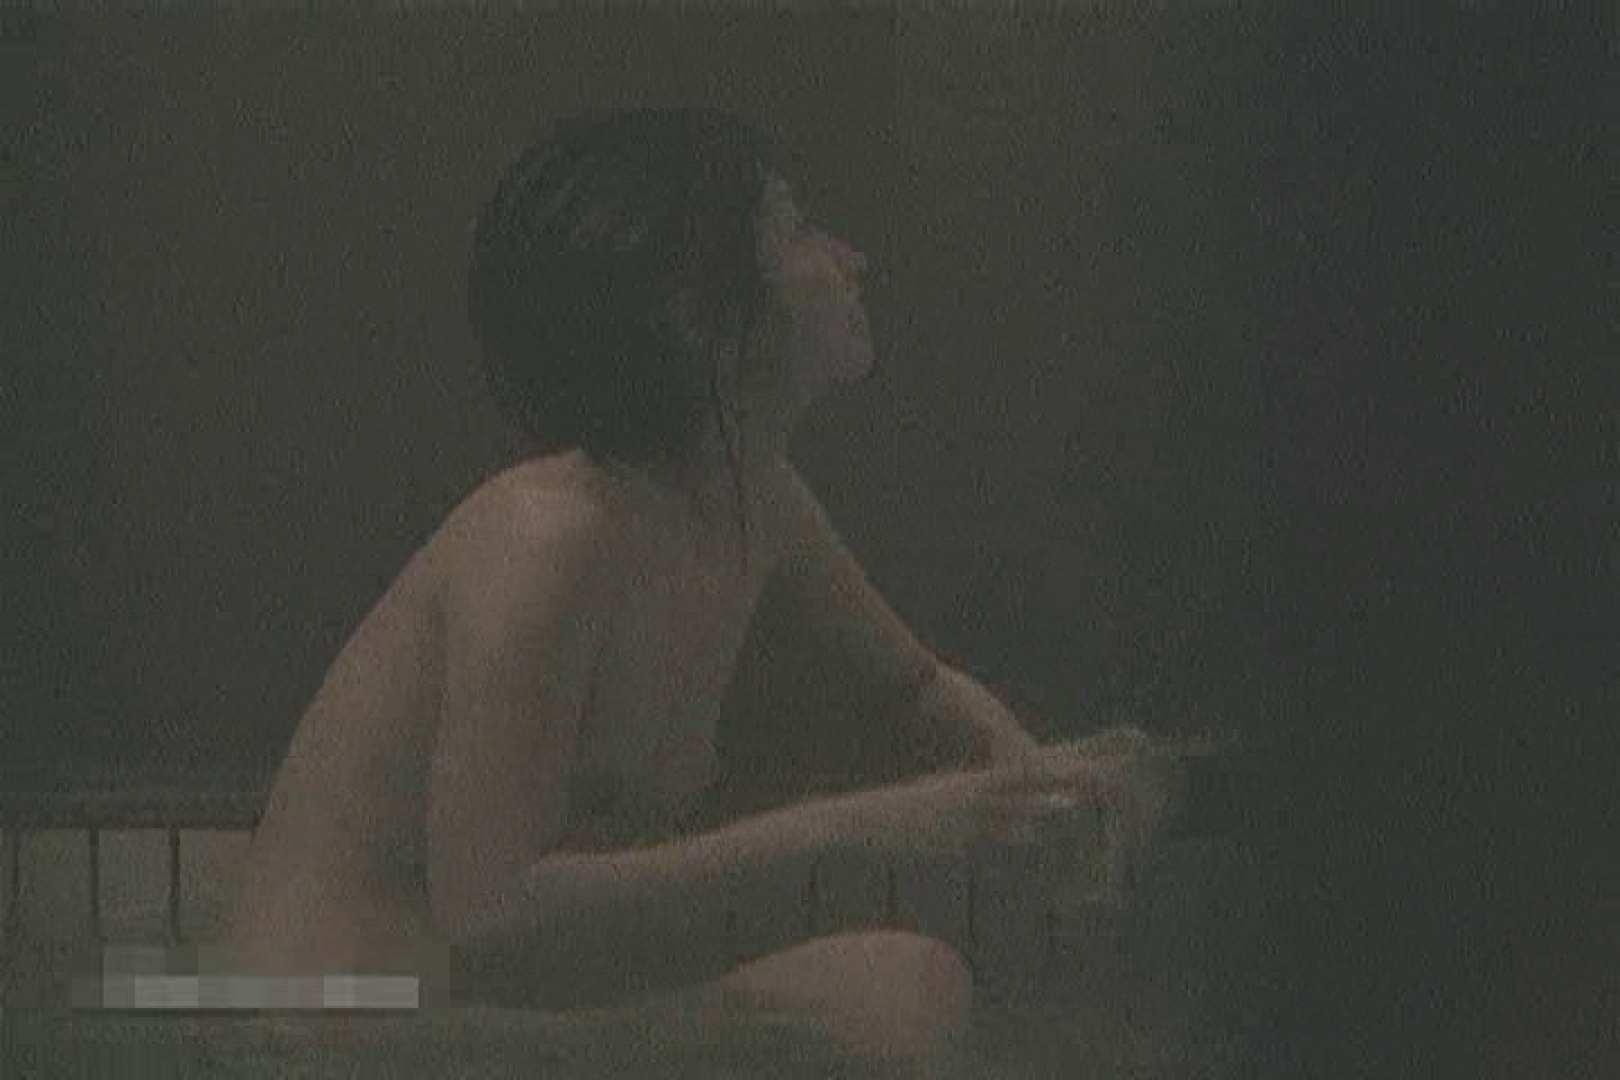 全裸で発情!!家族風呂の実態Vol.2 ホテル 盗撮オマンコ無修正動画無料 50画像 21